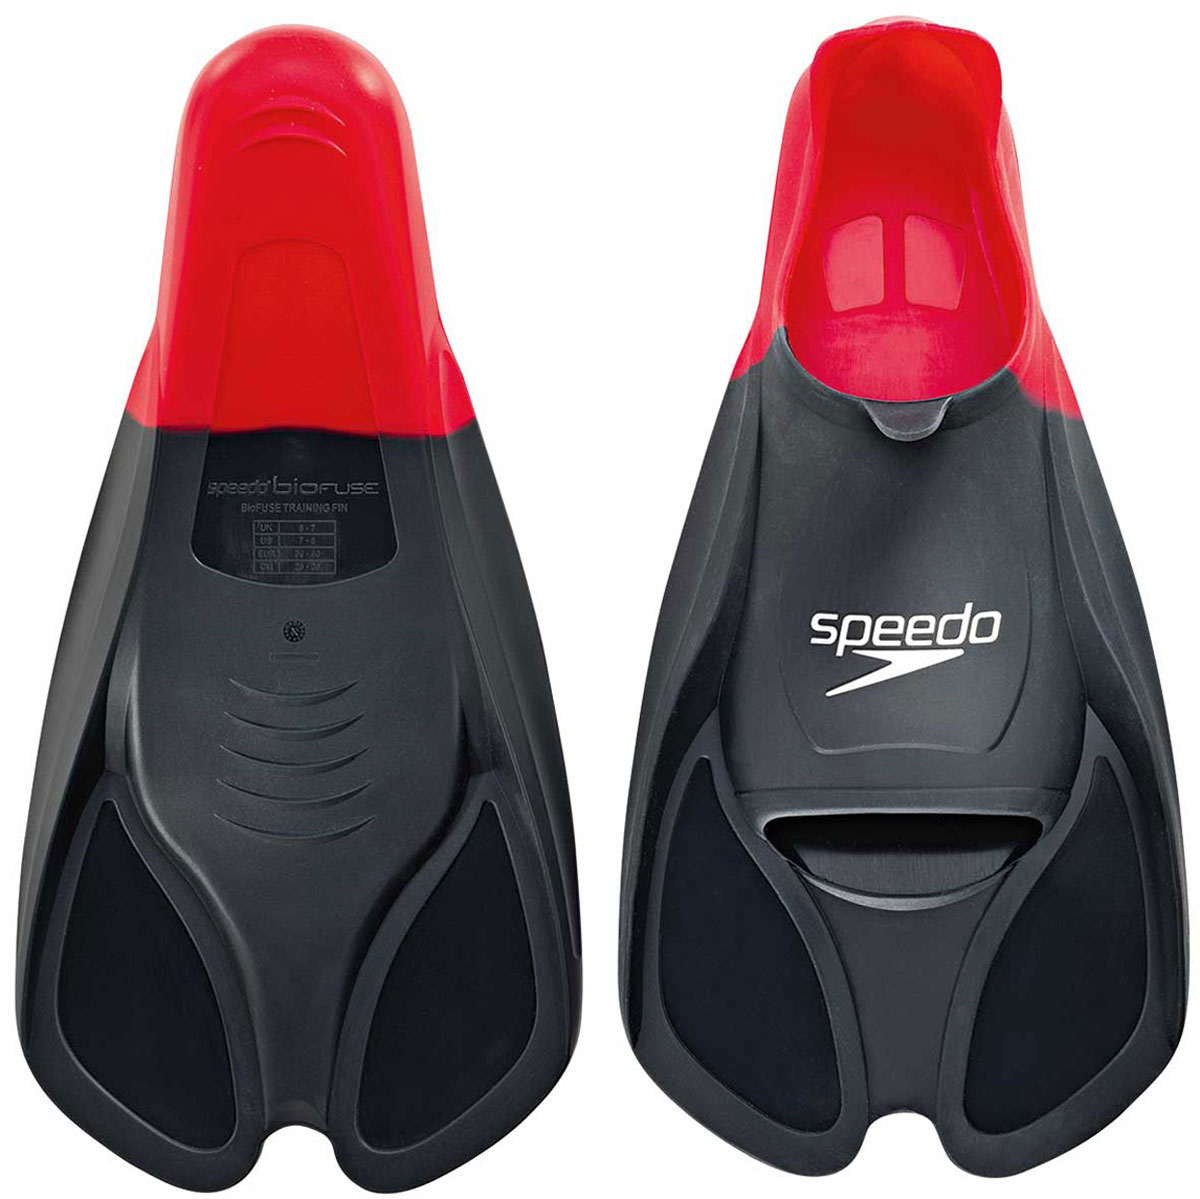 Ласты для плавания Speedo, цвет: красный. Размер 11-12. 8-0884139918-088413991_красный(11-12)Ласты Speedo Biofuse Training Fins являются незаменимым аксессуаром для тренировкисилы ног, при создании которого использовалась технология SpeedoBiofuse®.Неслучайно эти ласты для плавания предпочитает использовать многократныйолимпийский чемпион Майкл Фелпс.Достаточно жесткие лопасти позволяют создать мощную тягу в воде приестественном темпе работы ног. Специальный узор на поверхности подошвыпозволяет получить надежное сцепление с поверхностью бассейна. Формабашмака Speedo Biofuse Training Fin способствует развитию гибкости стопы, чтопозволяет сделать работу ног более эффективной.Башмак изготовлен из мягкого силикона, который не натирает кожу и прекраснорастягивается. Ласты для плавания Speedo Biofuse Tech Fin отлично подходят длятренировки работы ног в спринте, а также для повышения качества работы ног вовремя обучения плаванию. Специалисты Proswim.ru рекомендуют Speedo Biofuse Training Fin спортсменам- спринтерам, а также всем, кто имеет желание увеличить силу ног. Ласты дляплавания станут вашим лучшим помощником на пути совершенствования работыног.Размер UK 11-12. Размер US 13-14. Размер EUR 47-48.